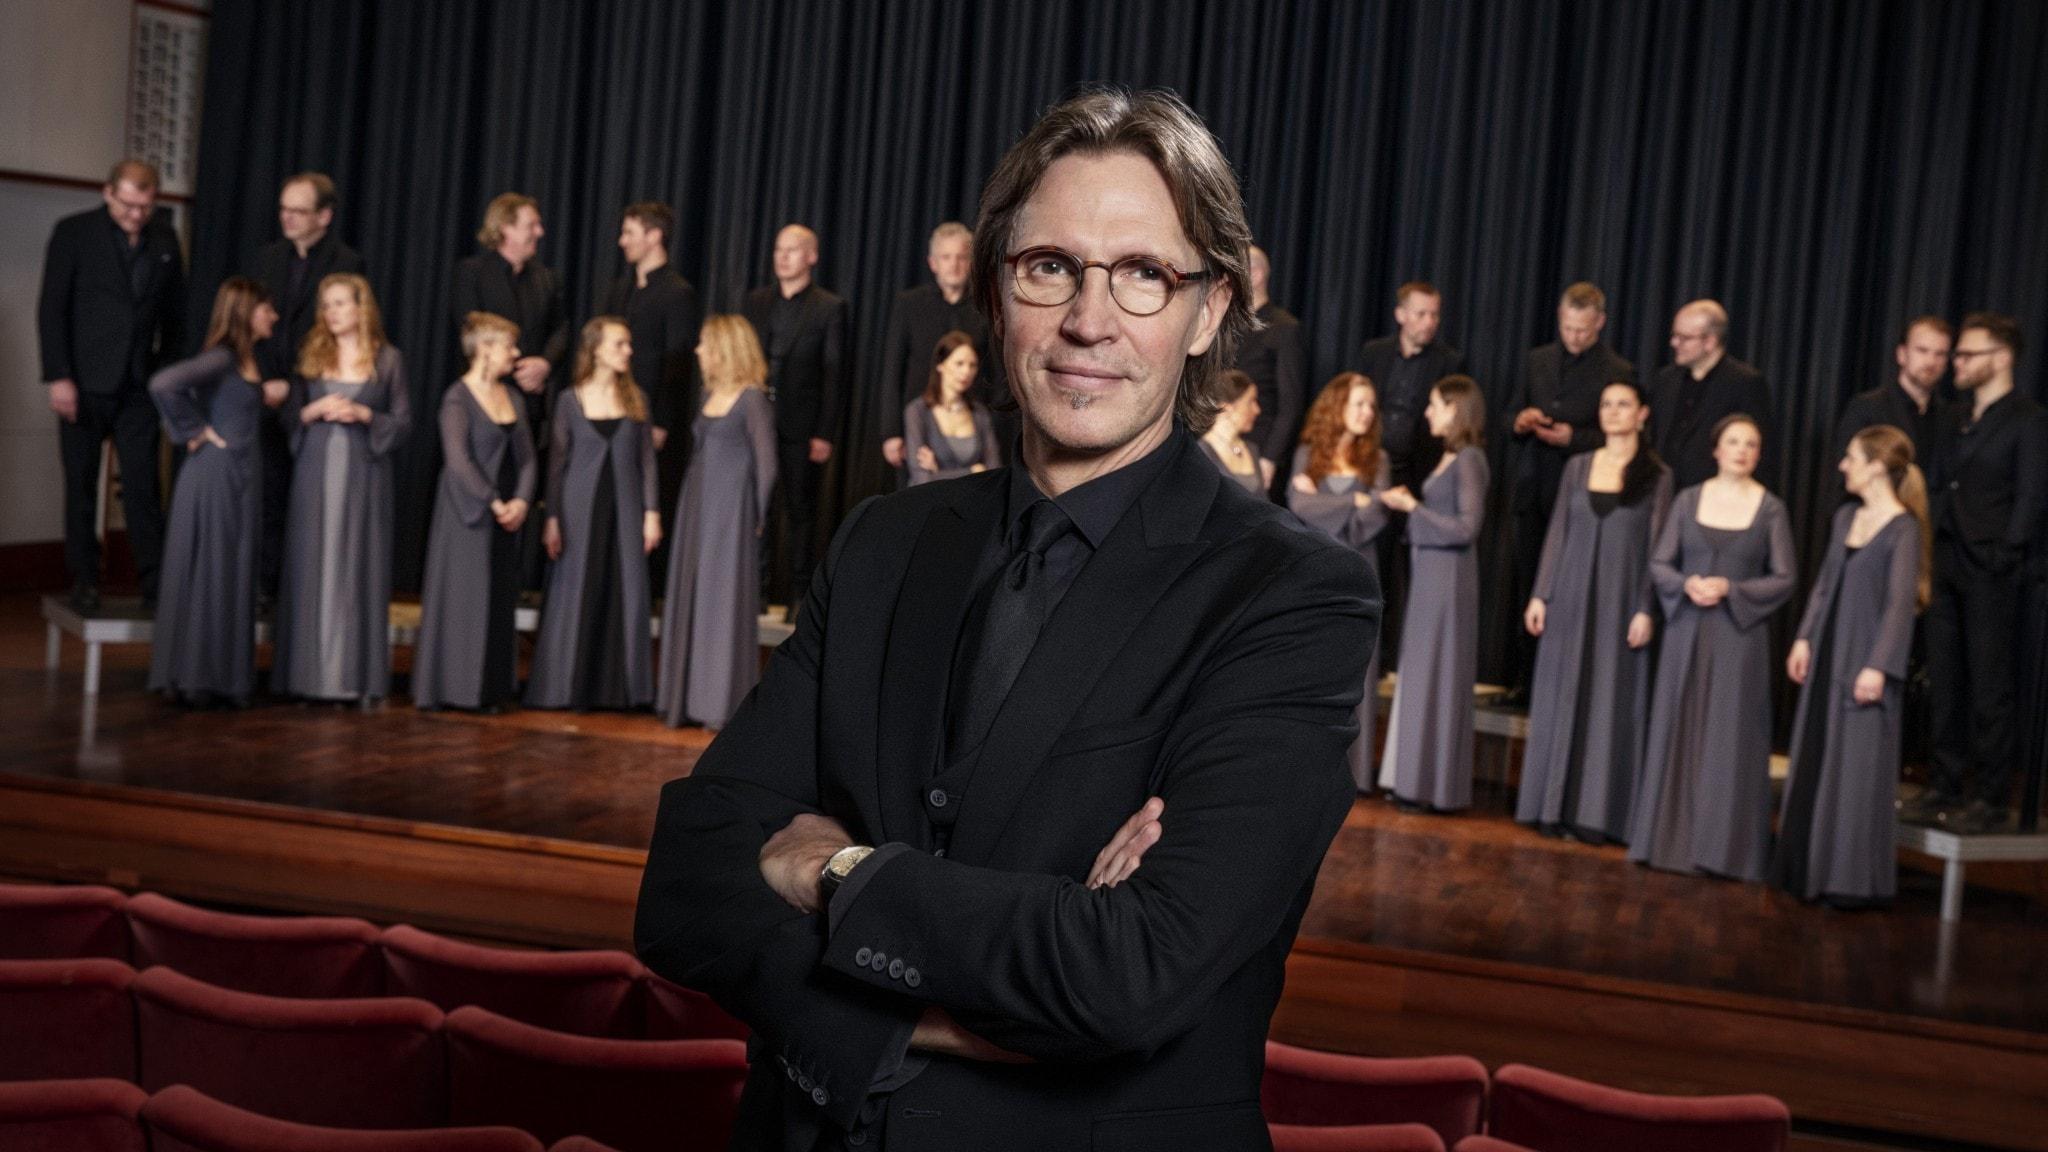 Kaspars Putni?š leder Radiokören i musik av Bach och Sandström